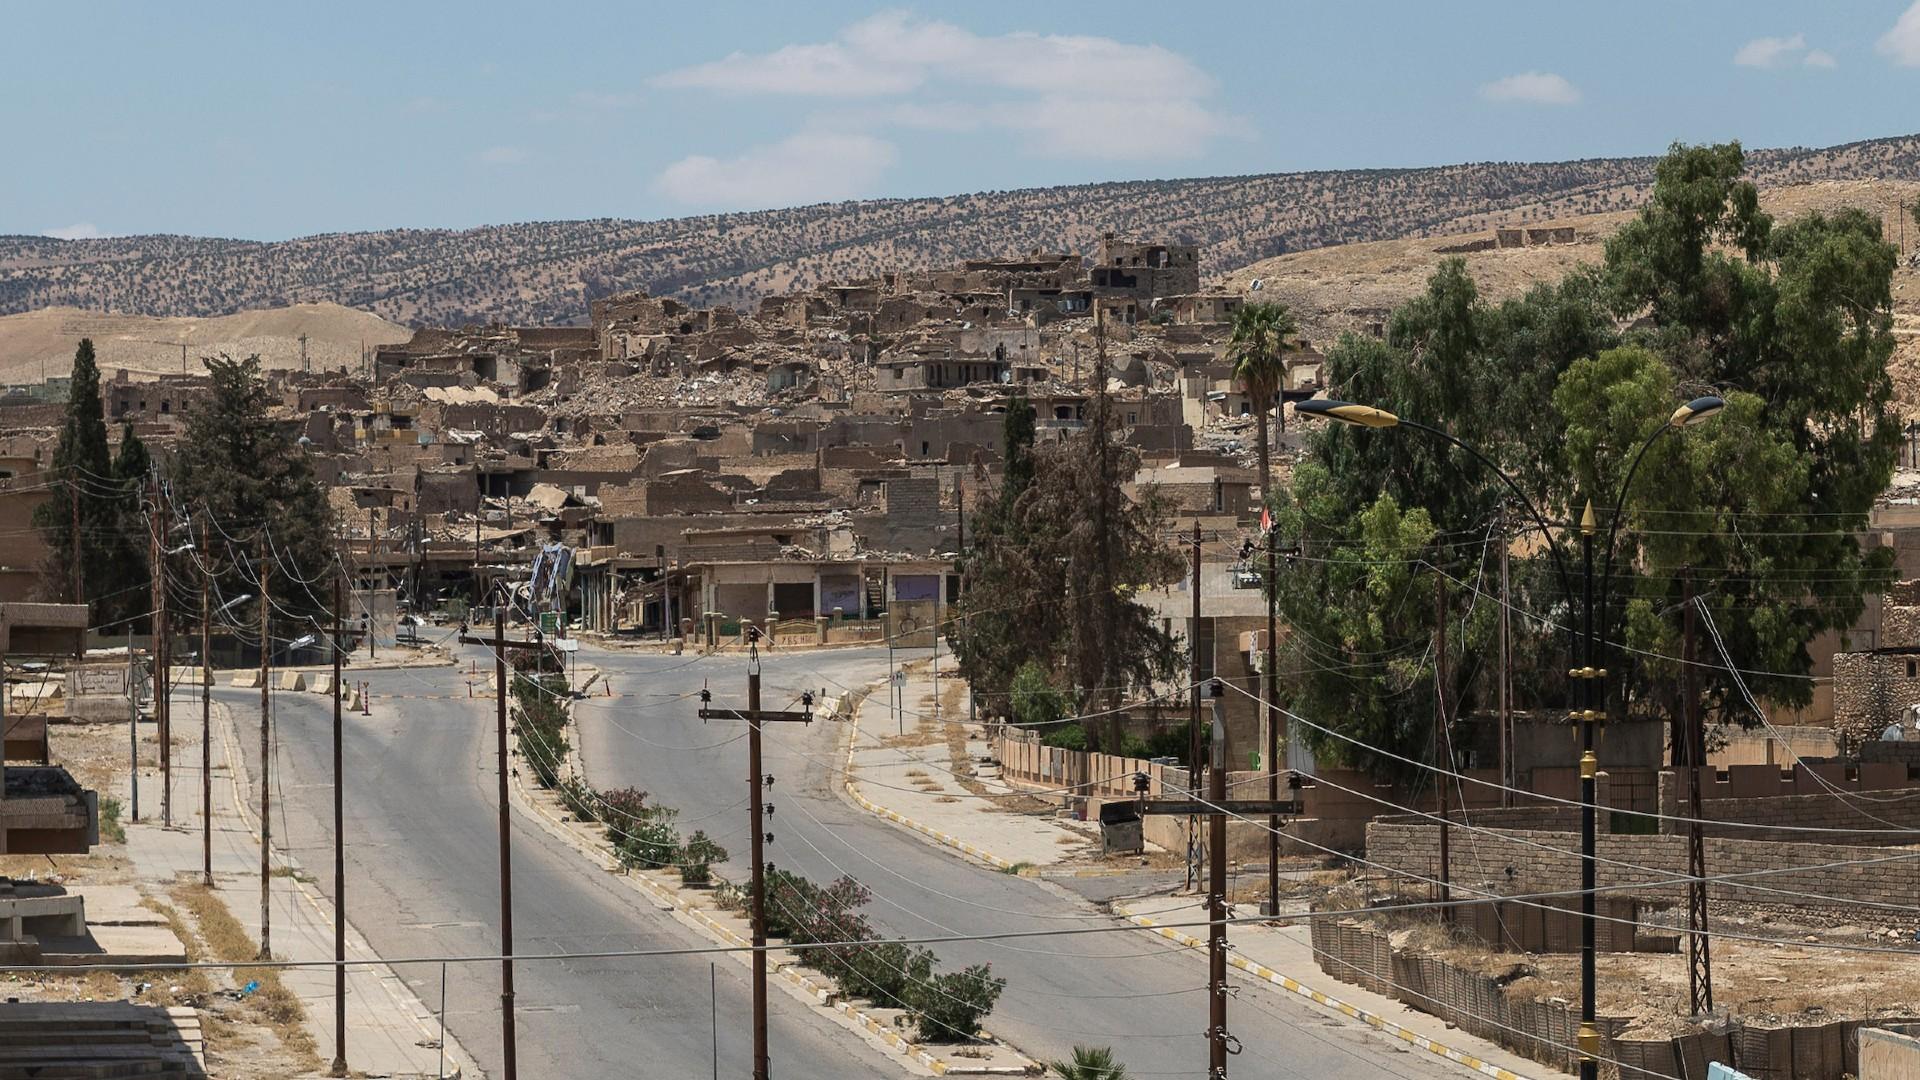 مسؤول يدعو إلى تحويل قضاء سنجار إلى محافظة